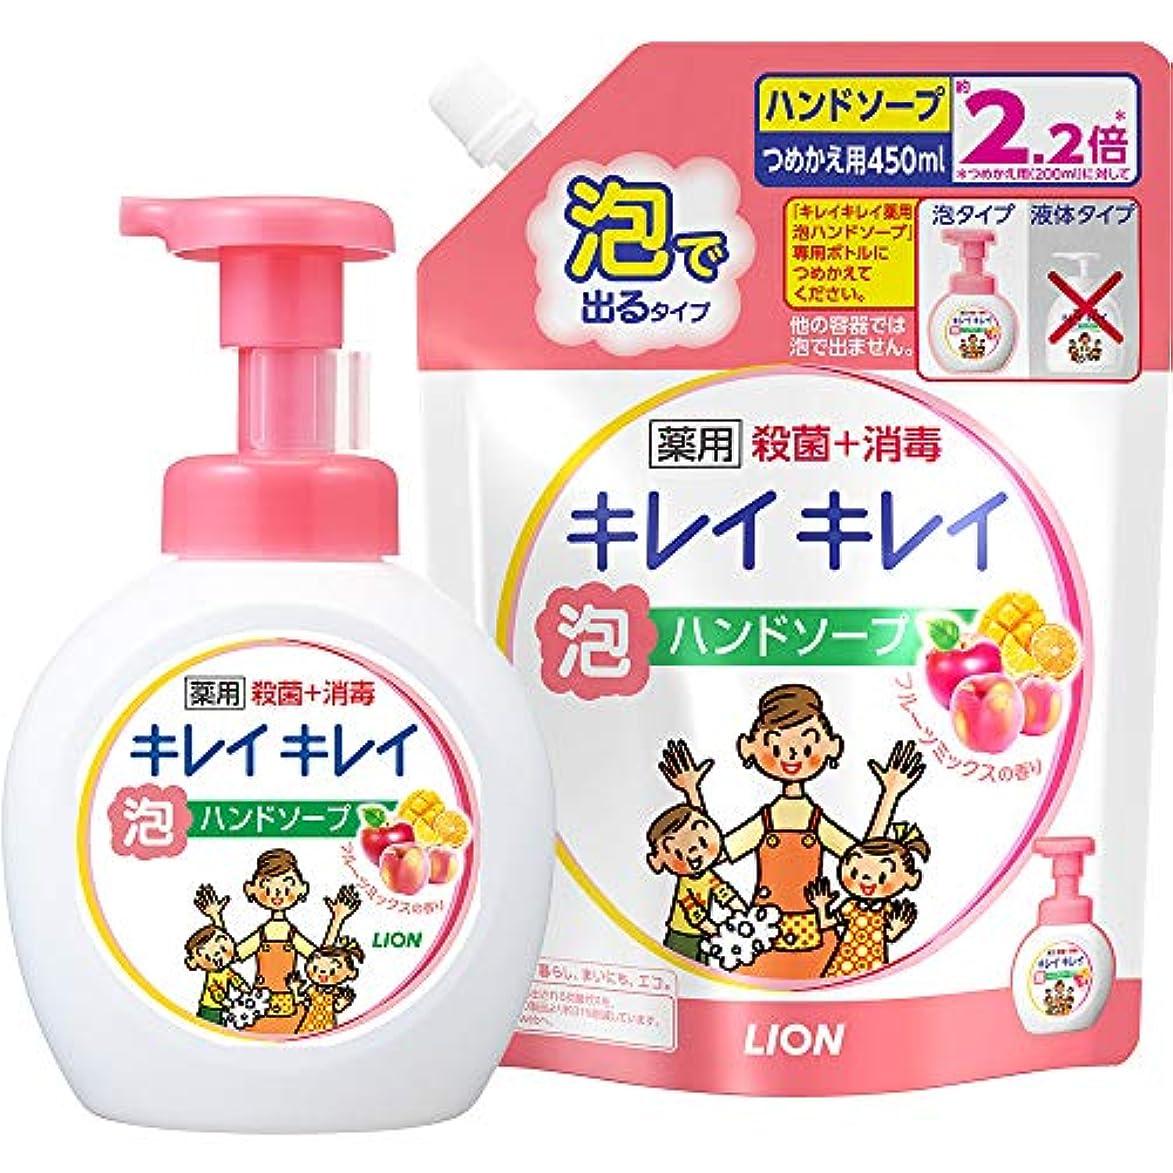 (医薬部外品)キレイキレイ 薬用 泡ハンドソープ フルーツミックスの香り 本体大型ポンプ500ml + 詰め替え450ml